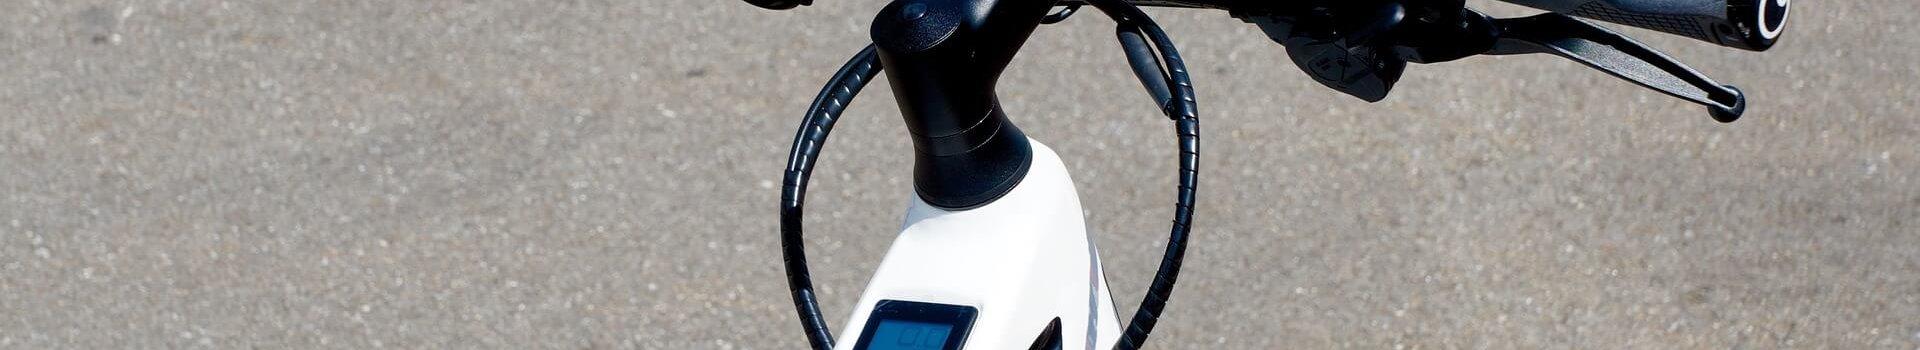 Rowery elektryczne cross – przegląd najciekawszych propozycji